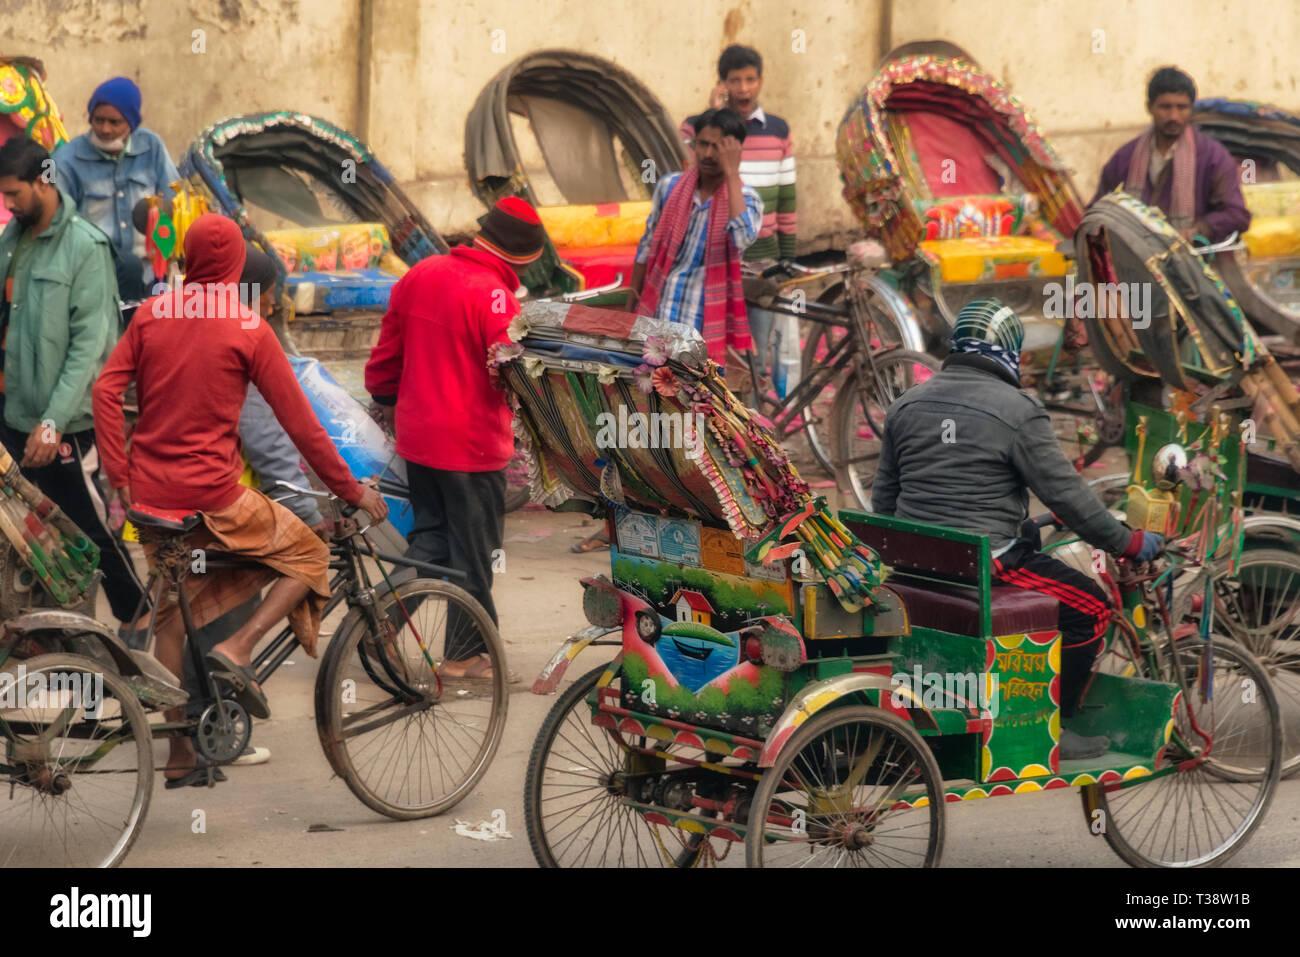 Rickshaws, Dhaka, Bangladesh - Stock Image